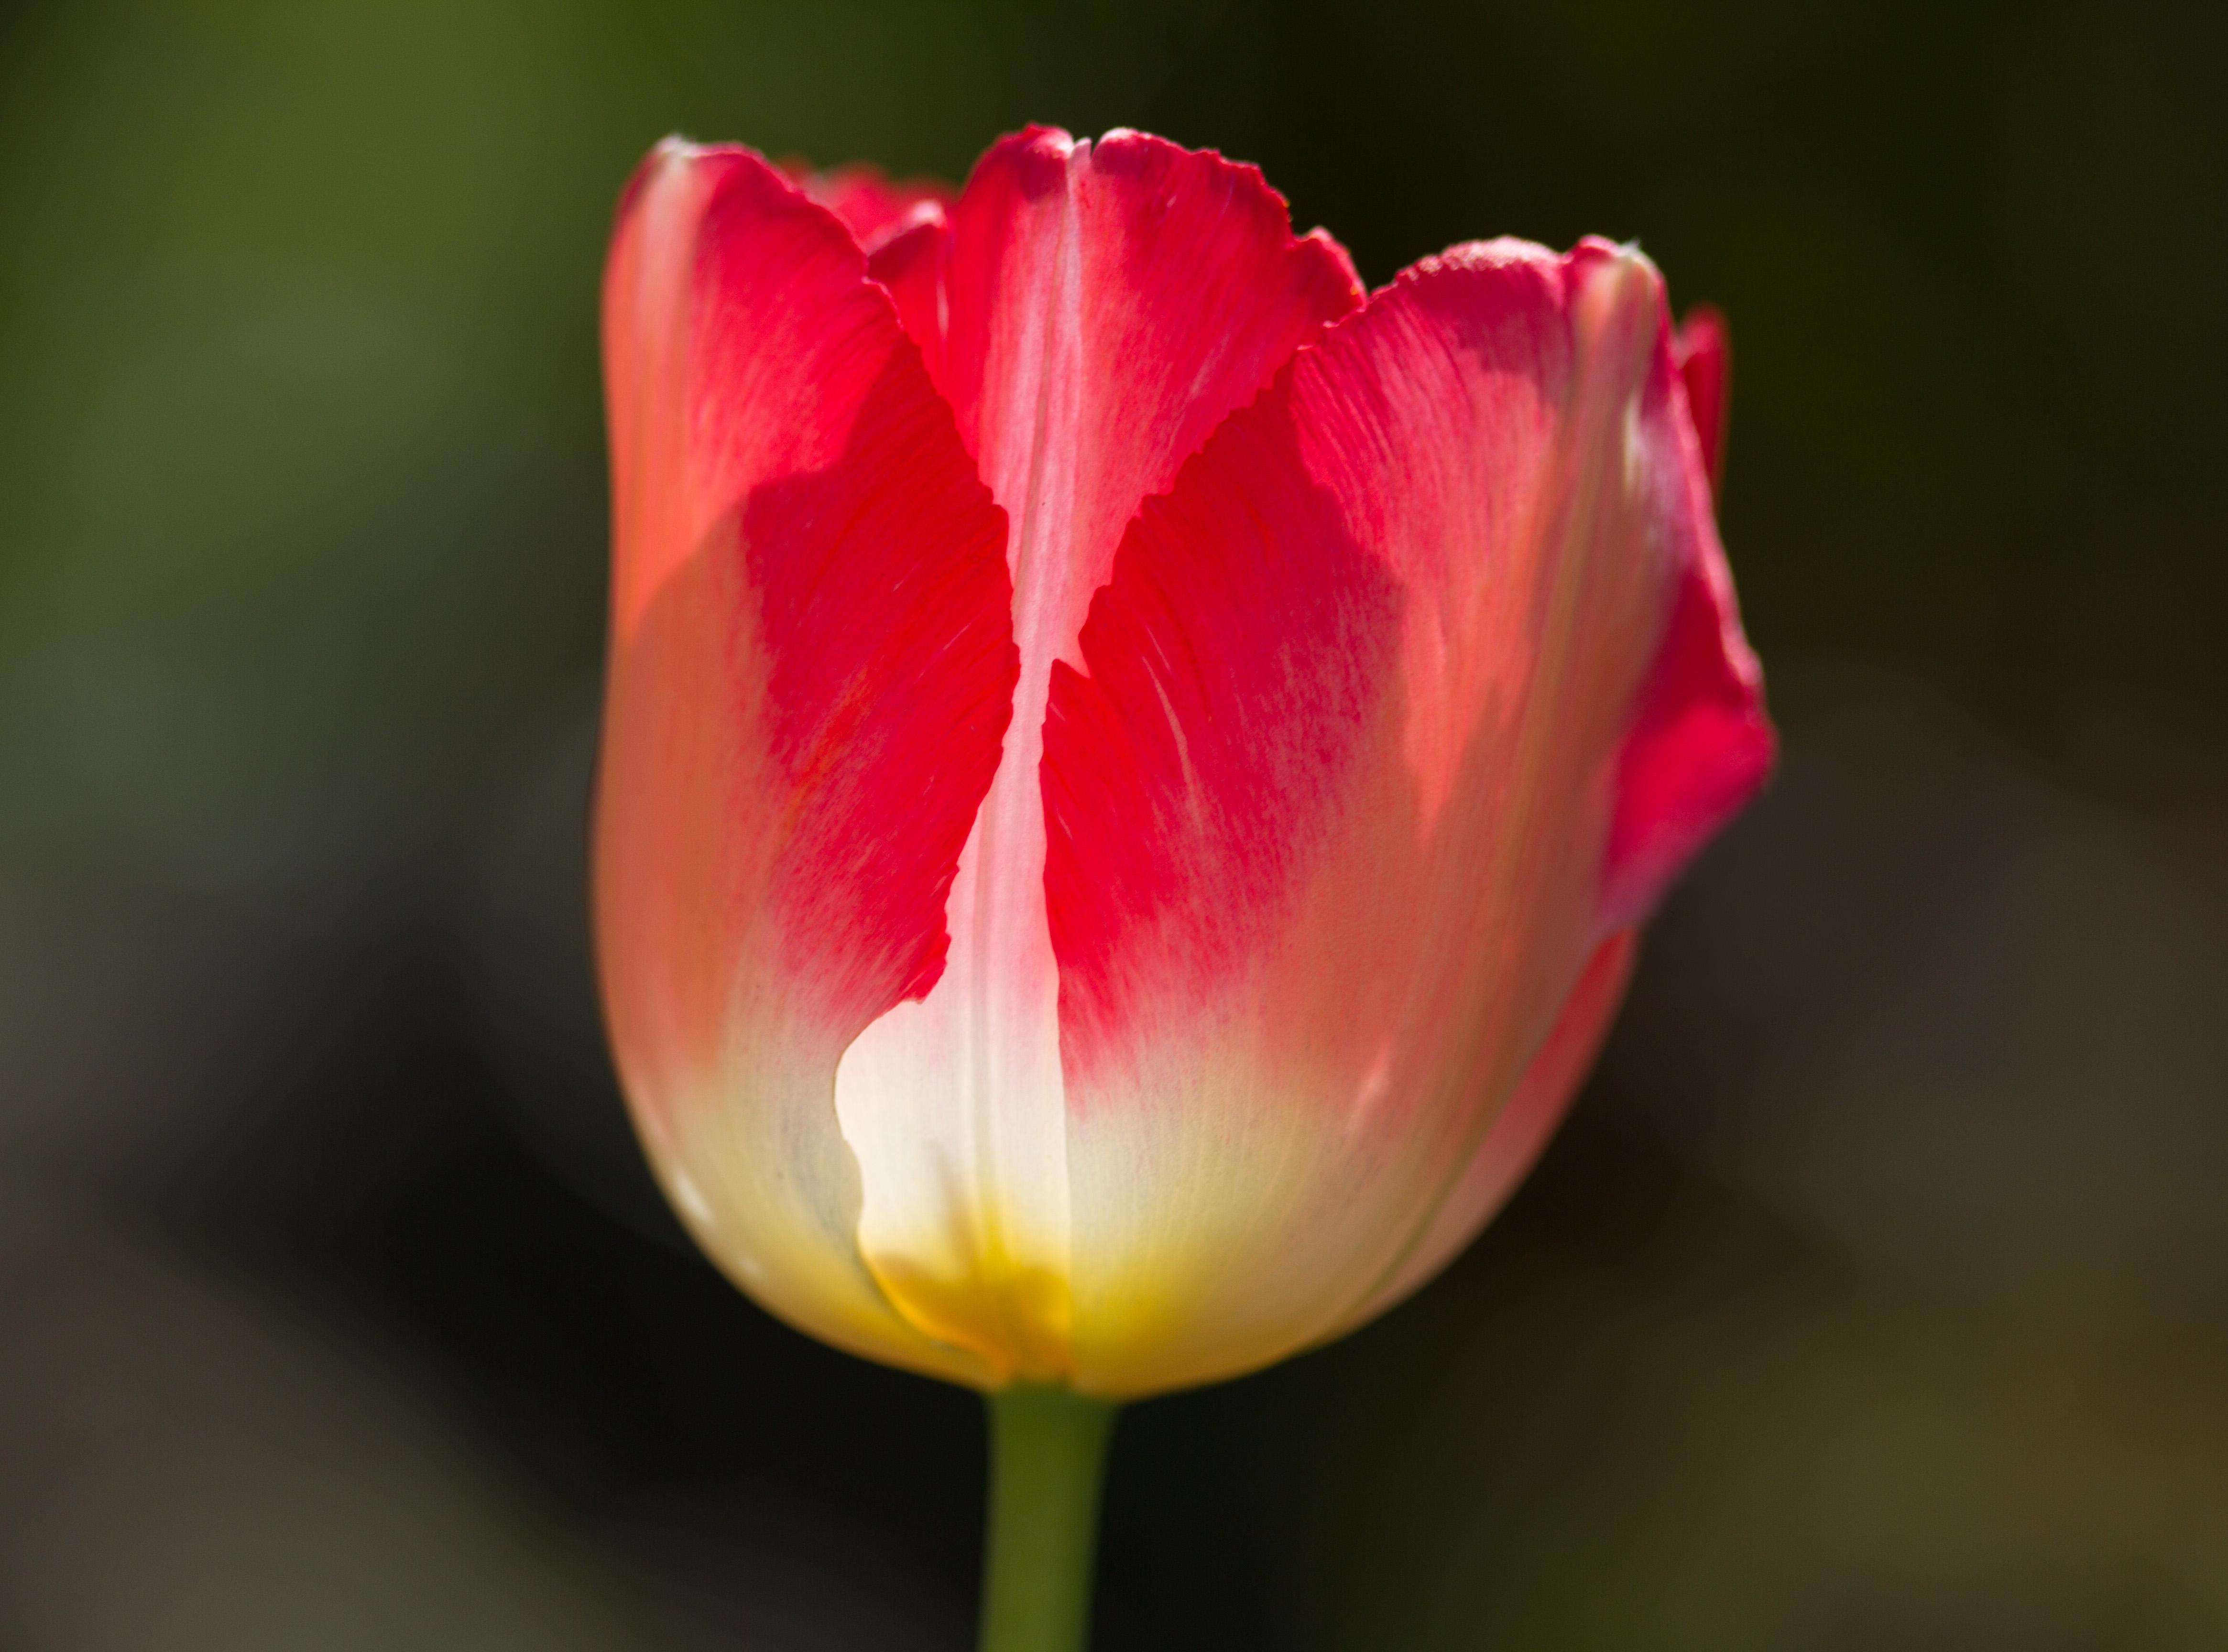 все-таки цветок тюльпана крупным планом фото орган сформирован